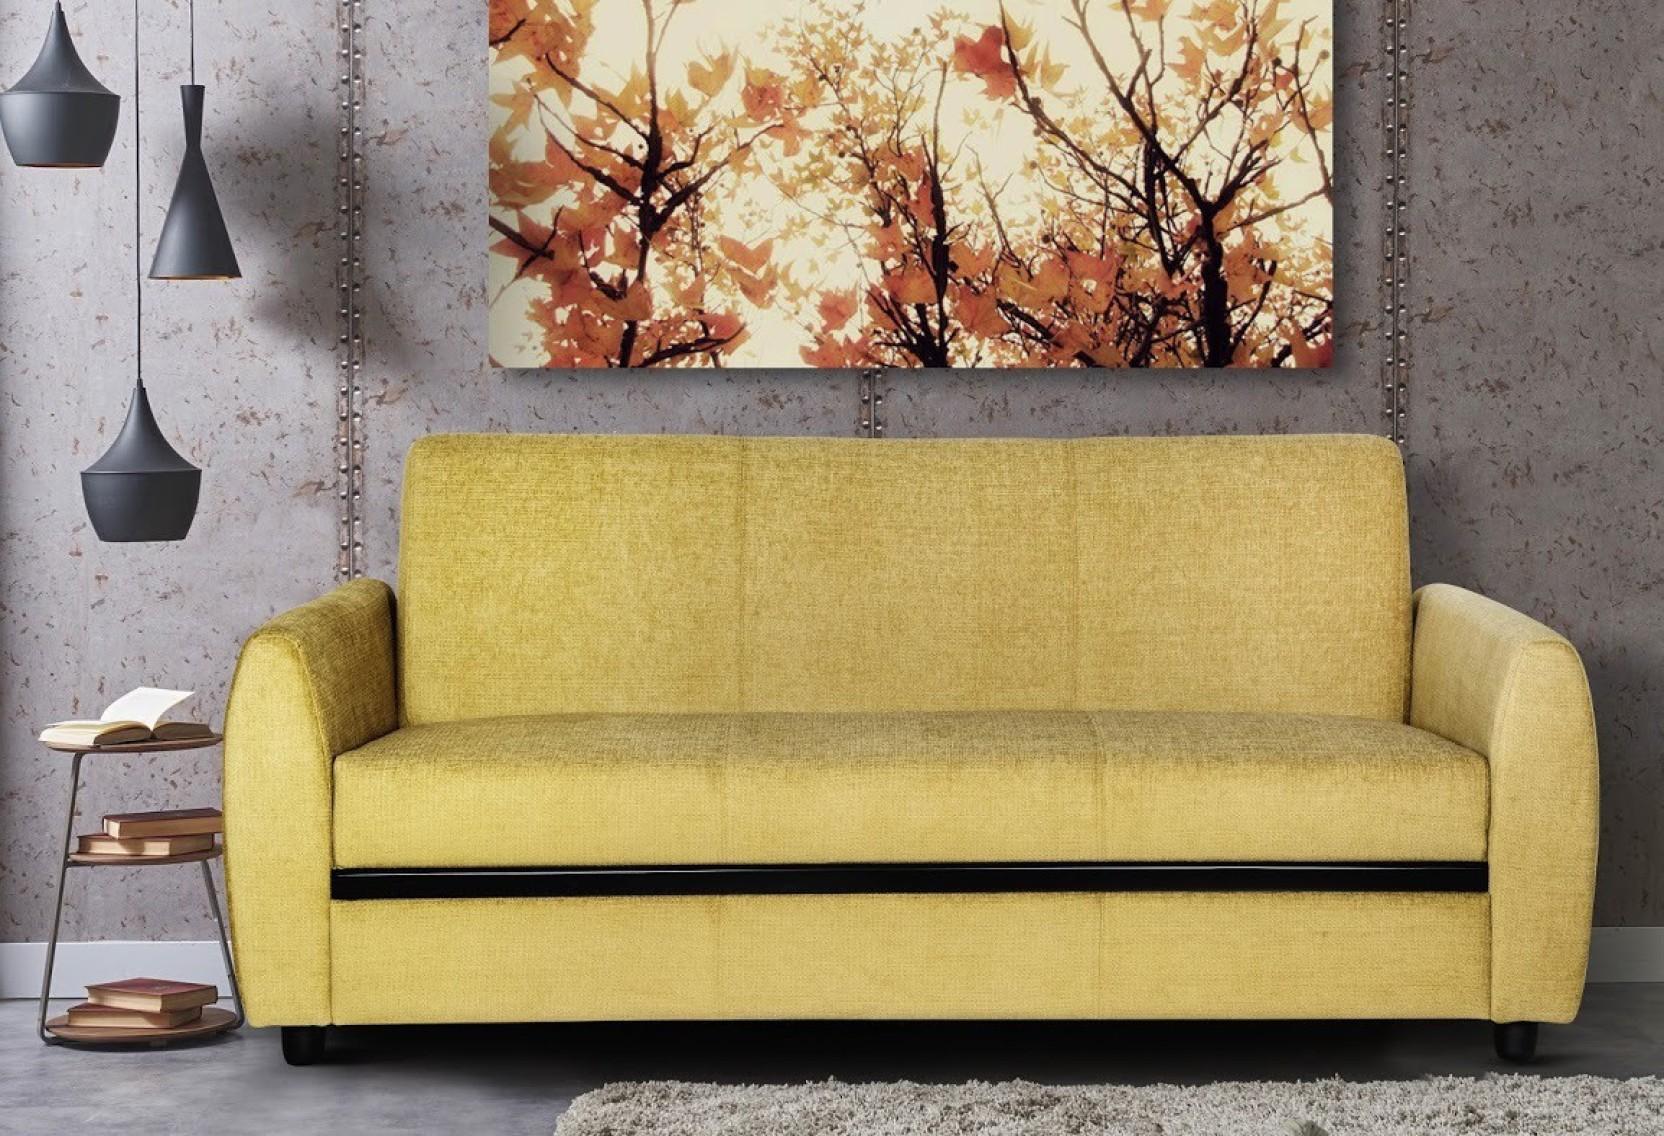 Urban Living Seattle Fabric 3 Seater Sofa Price in India - Buy Urban ...